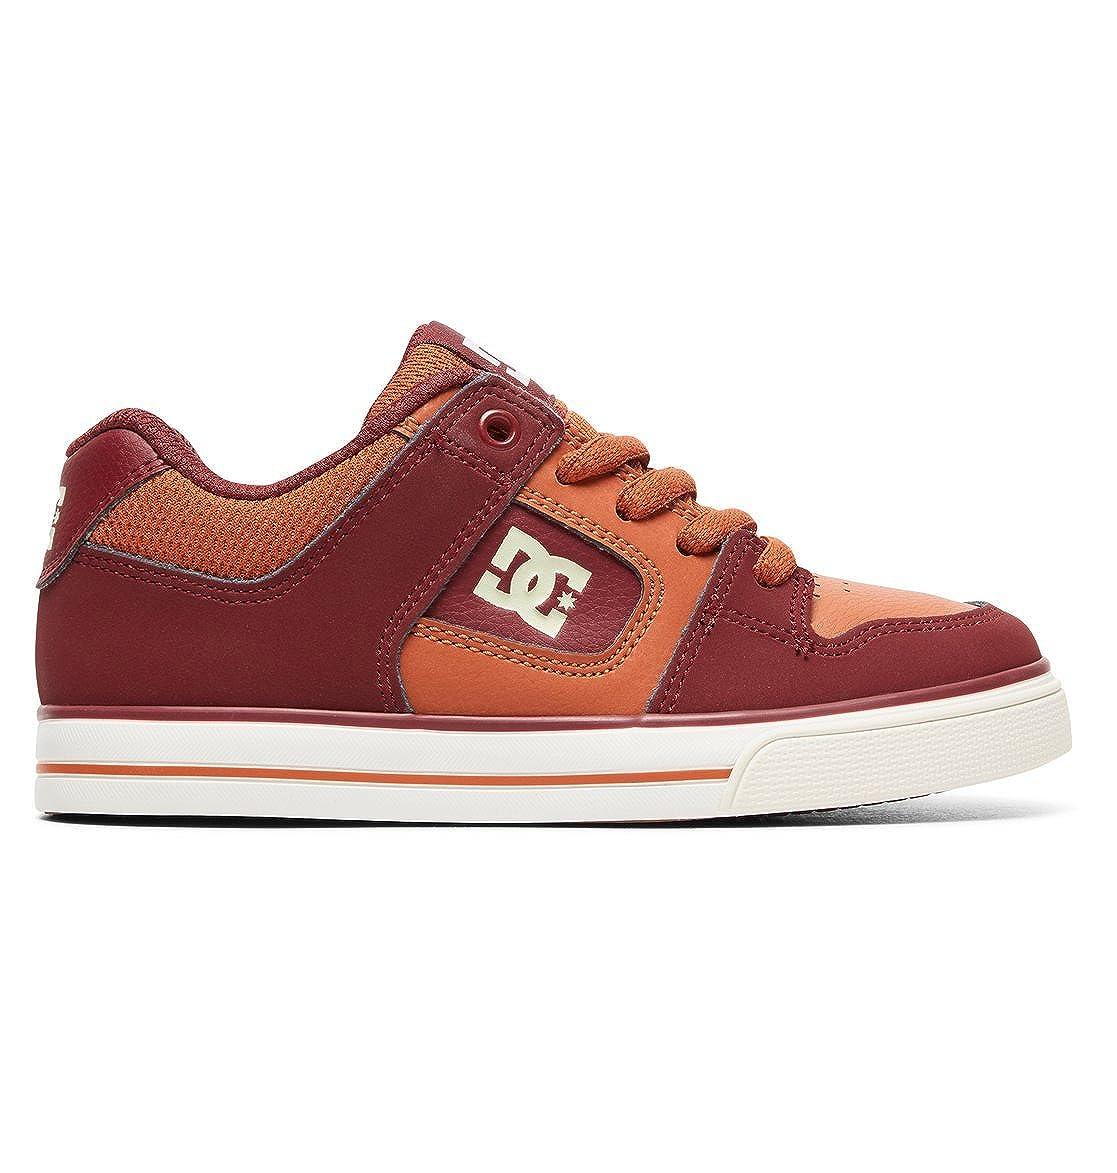 Rouge - Burgundy Tan DC chaussures - Pure - baskets Basses - Garçon 36 EU